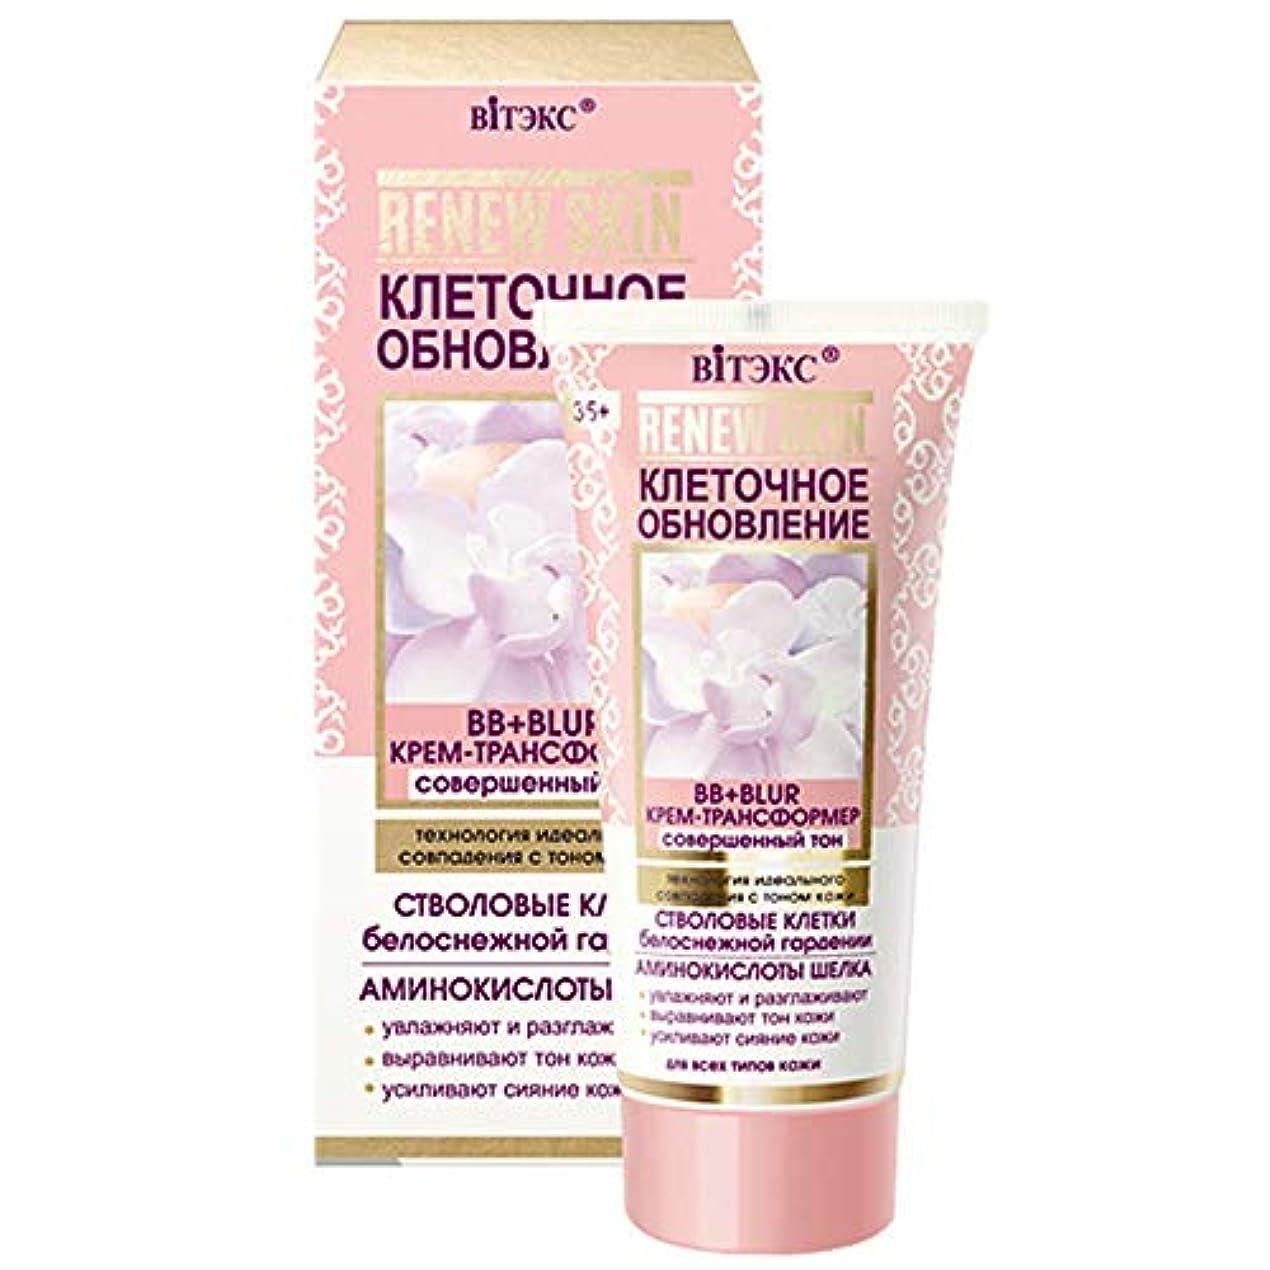 描写崩壊ダメージBielita & Vitex   RENEW SKIN   BB + BLUR CREAM-TRANSFORMER   Perfect tone technology of perfect match with skin...